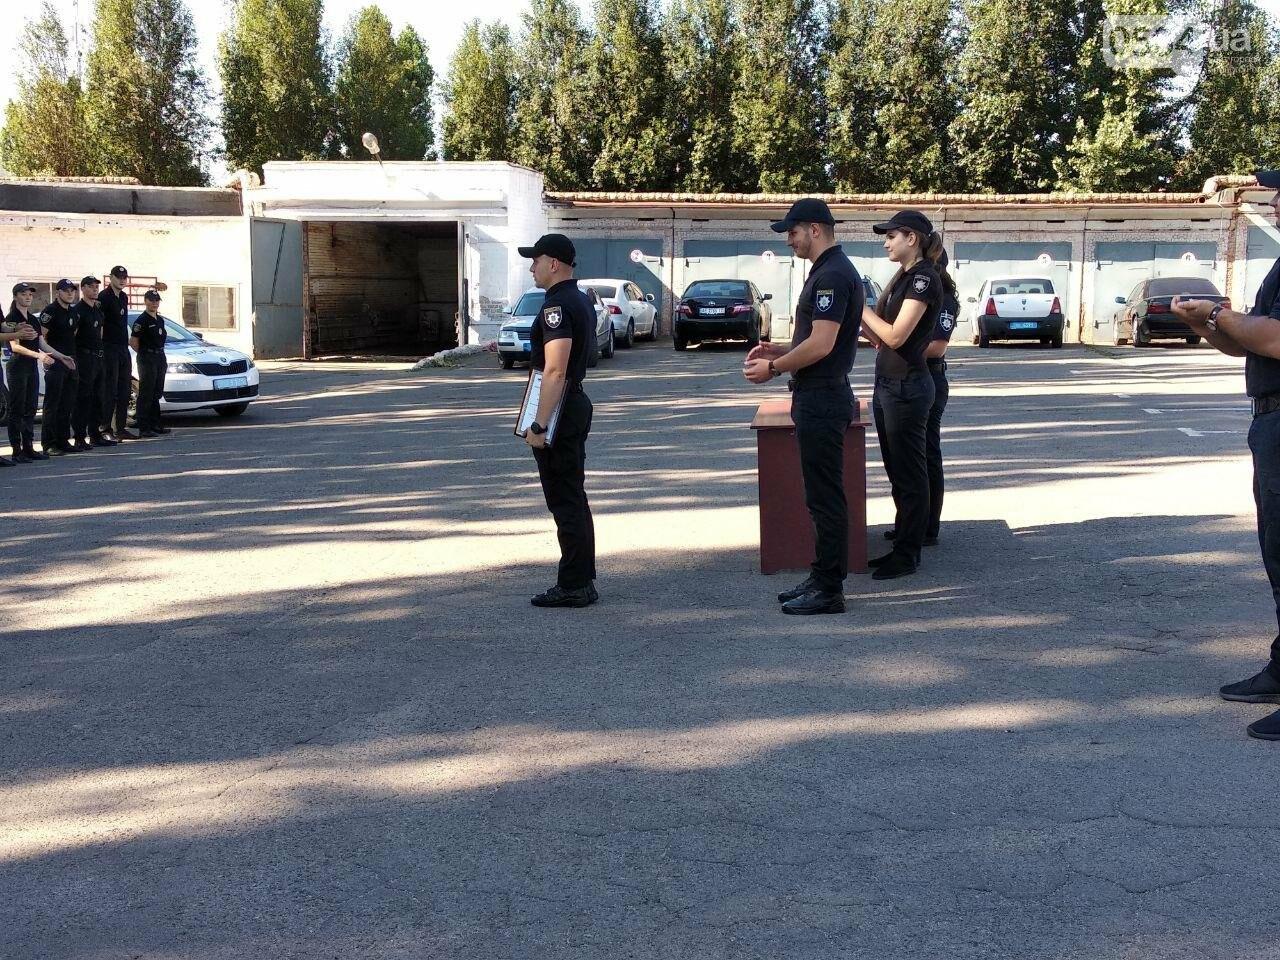 В Кривом Роге наградили патрульных за добросовестное выполнение служебных обязанностей, - ФОТО, фото-20